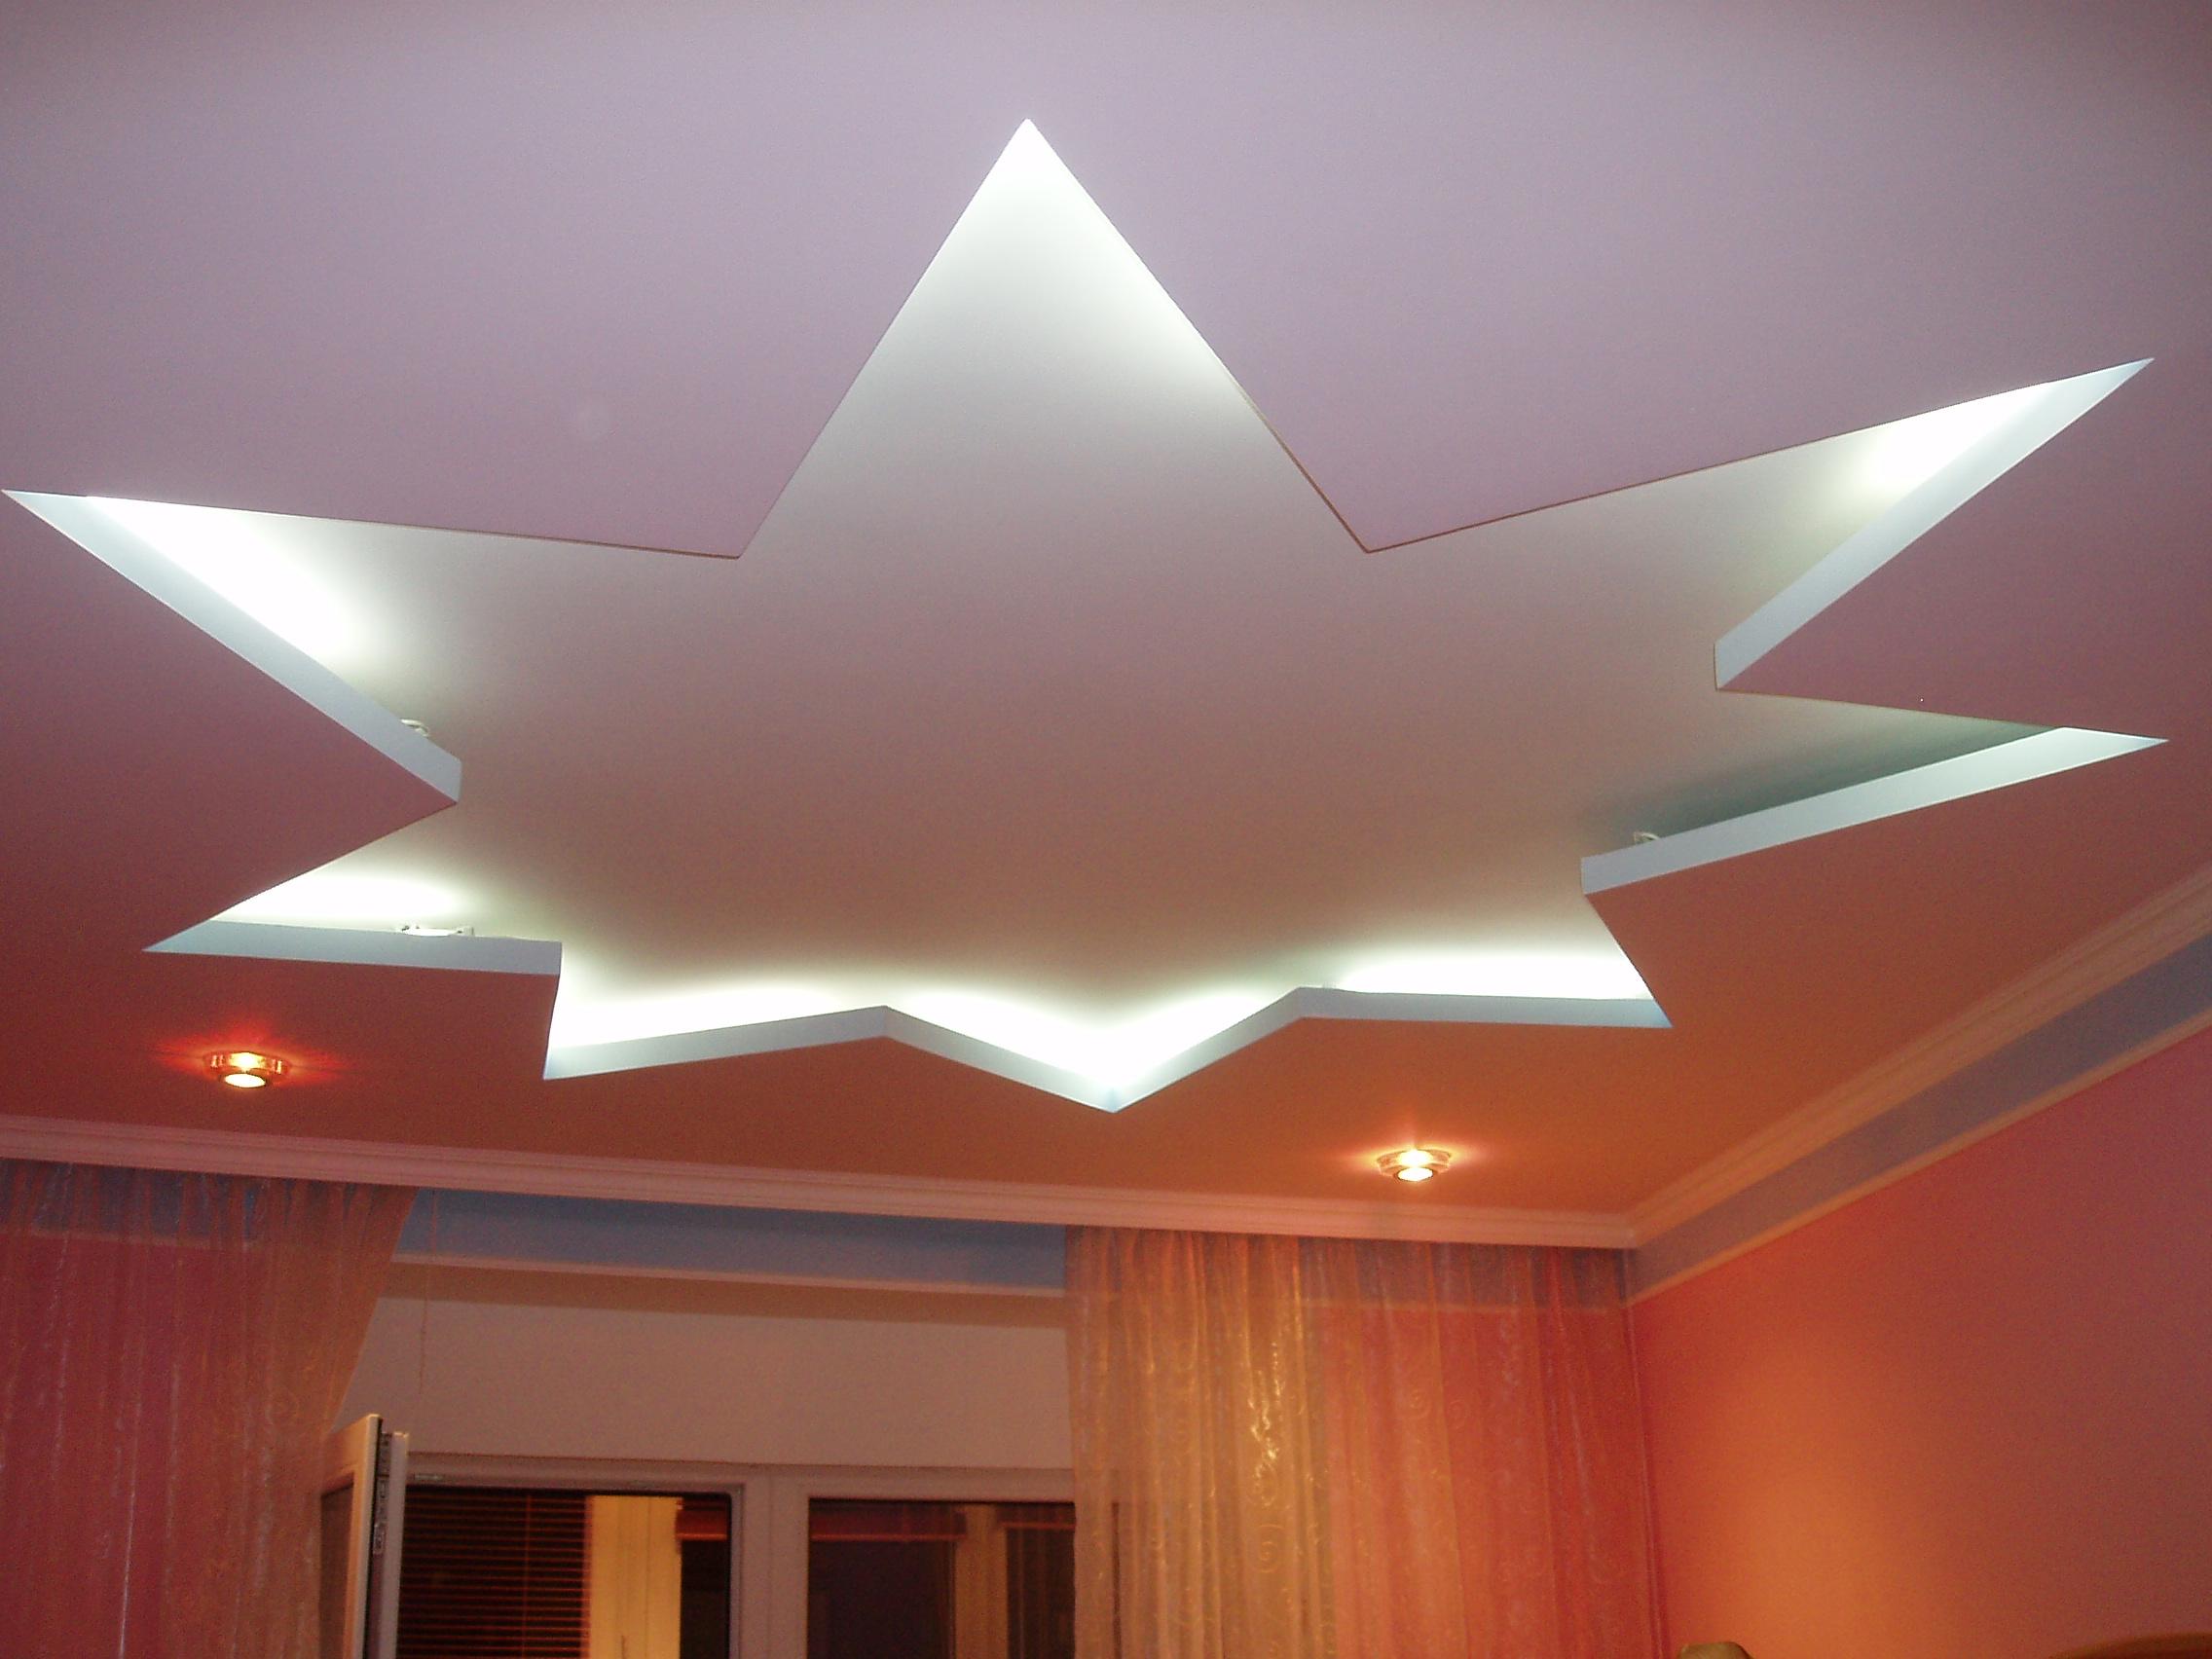 Гипсовый фигурный потолок